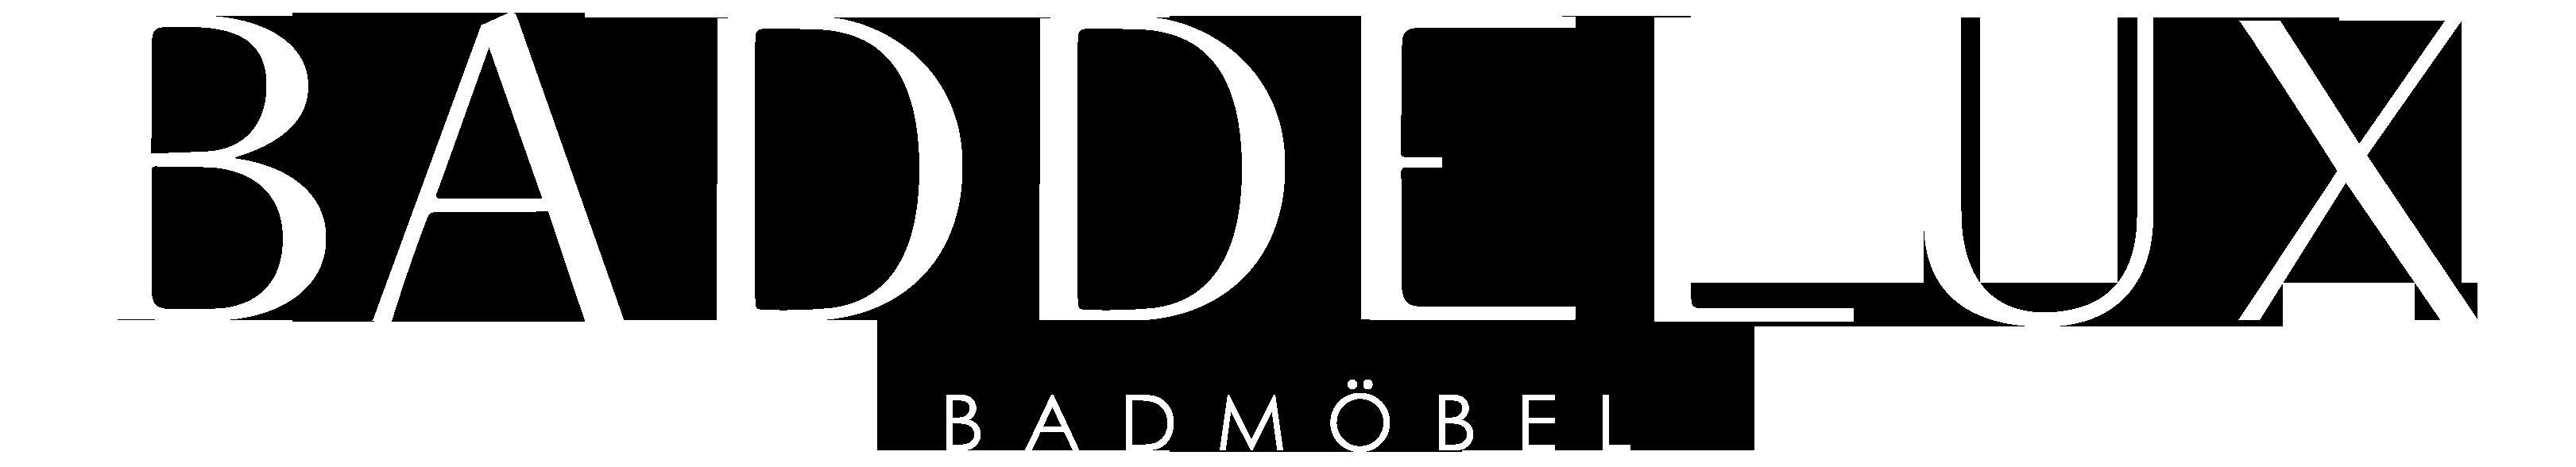 BadMöbel Baddelux